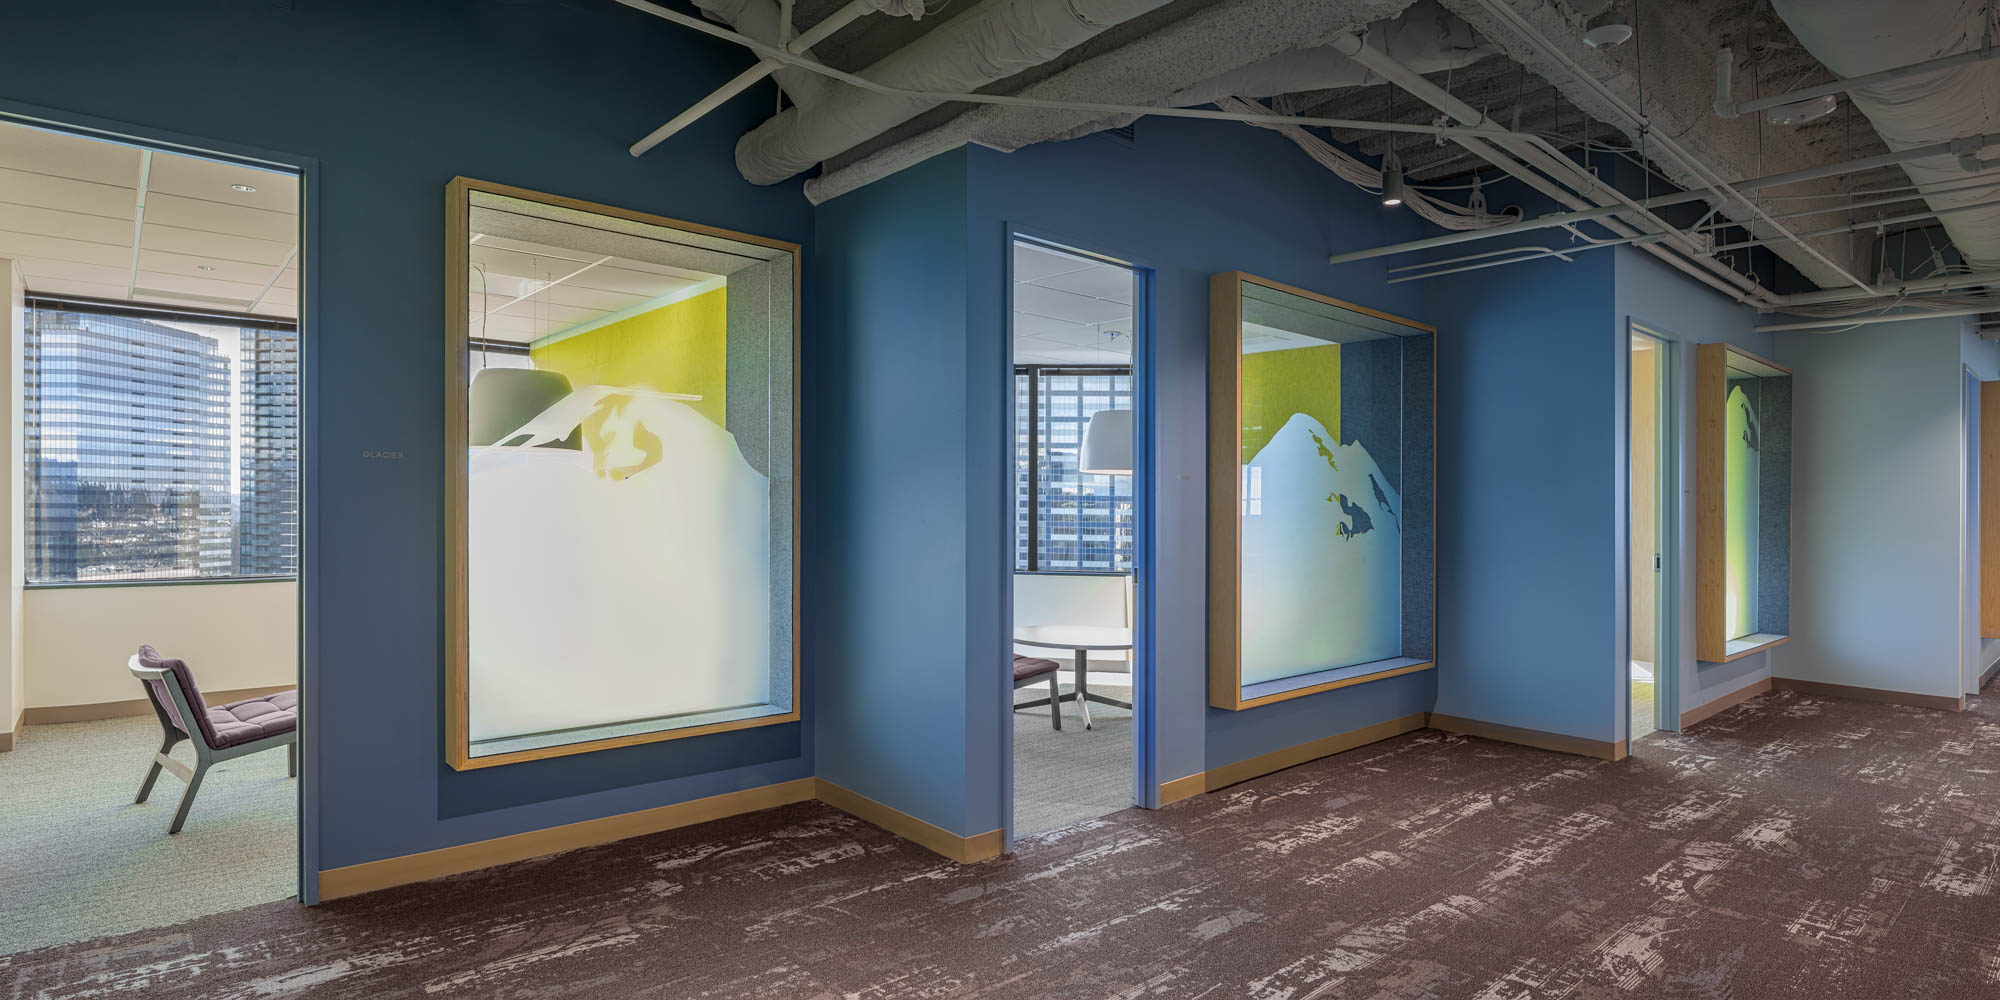 AOL Bellevue offices hallway interior view